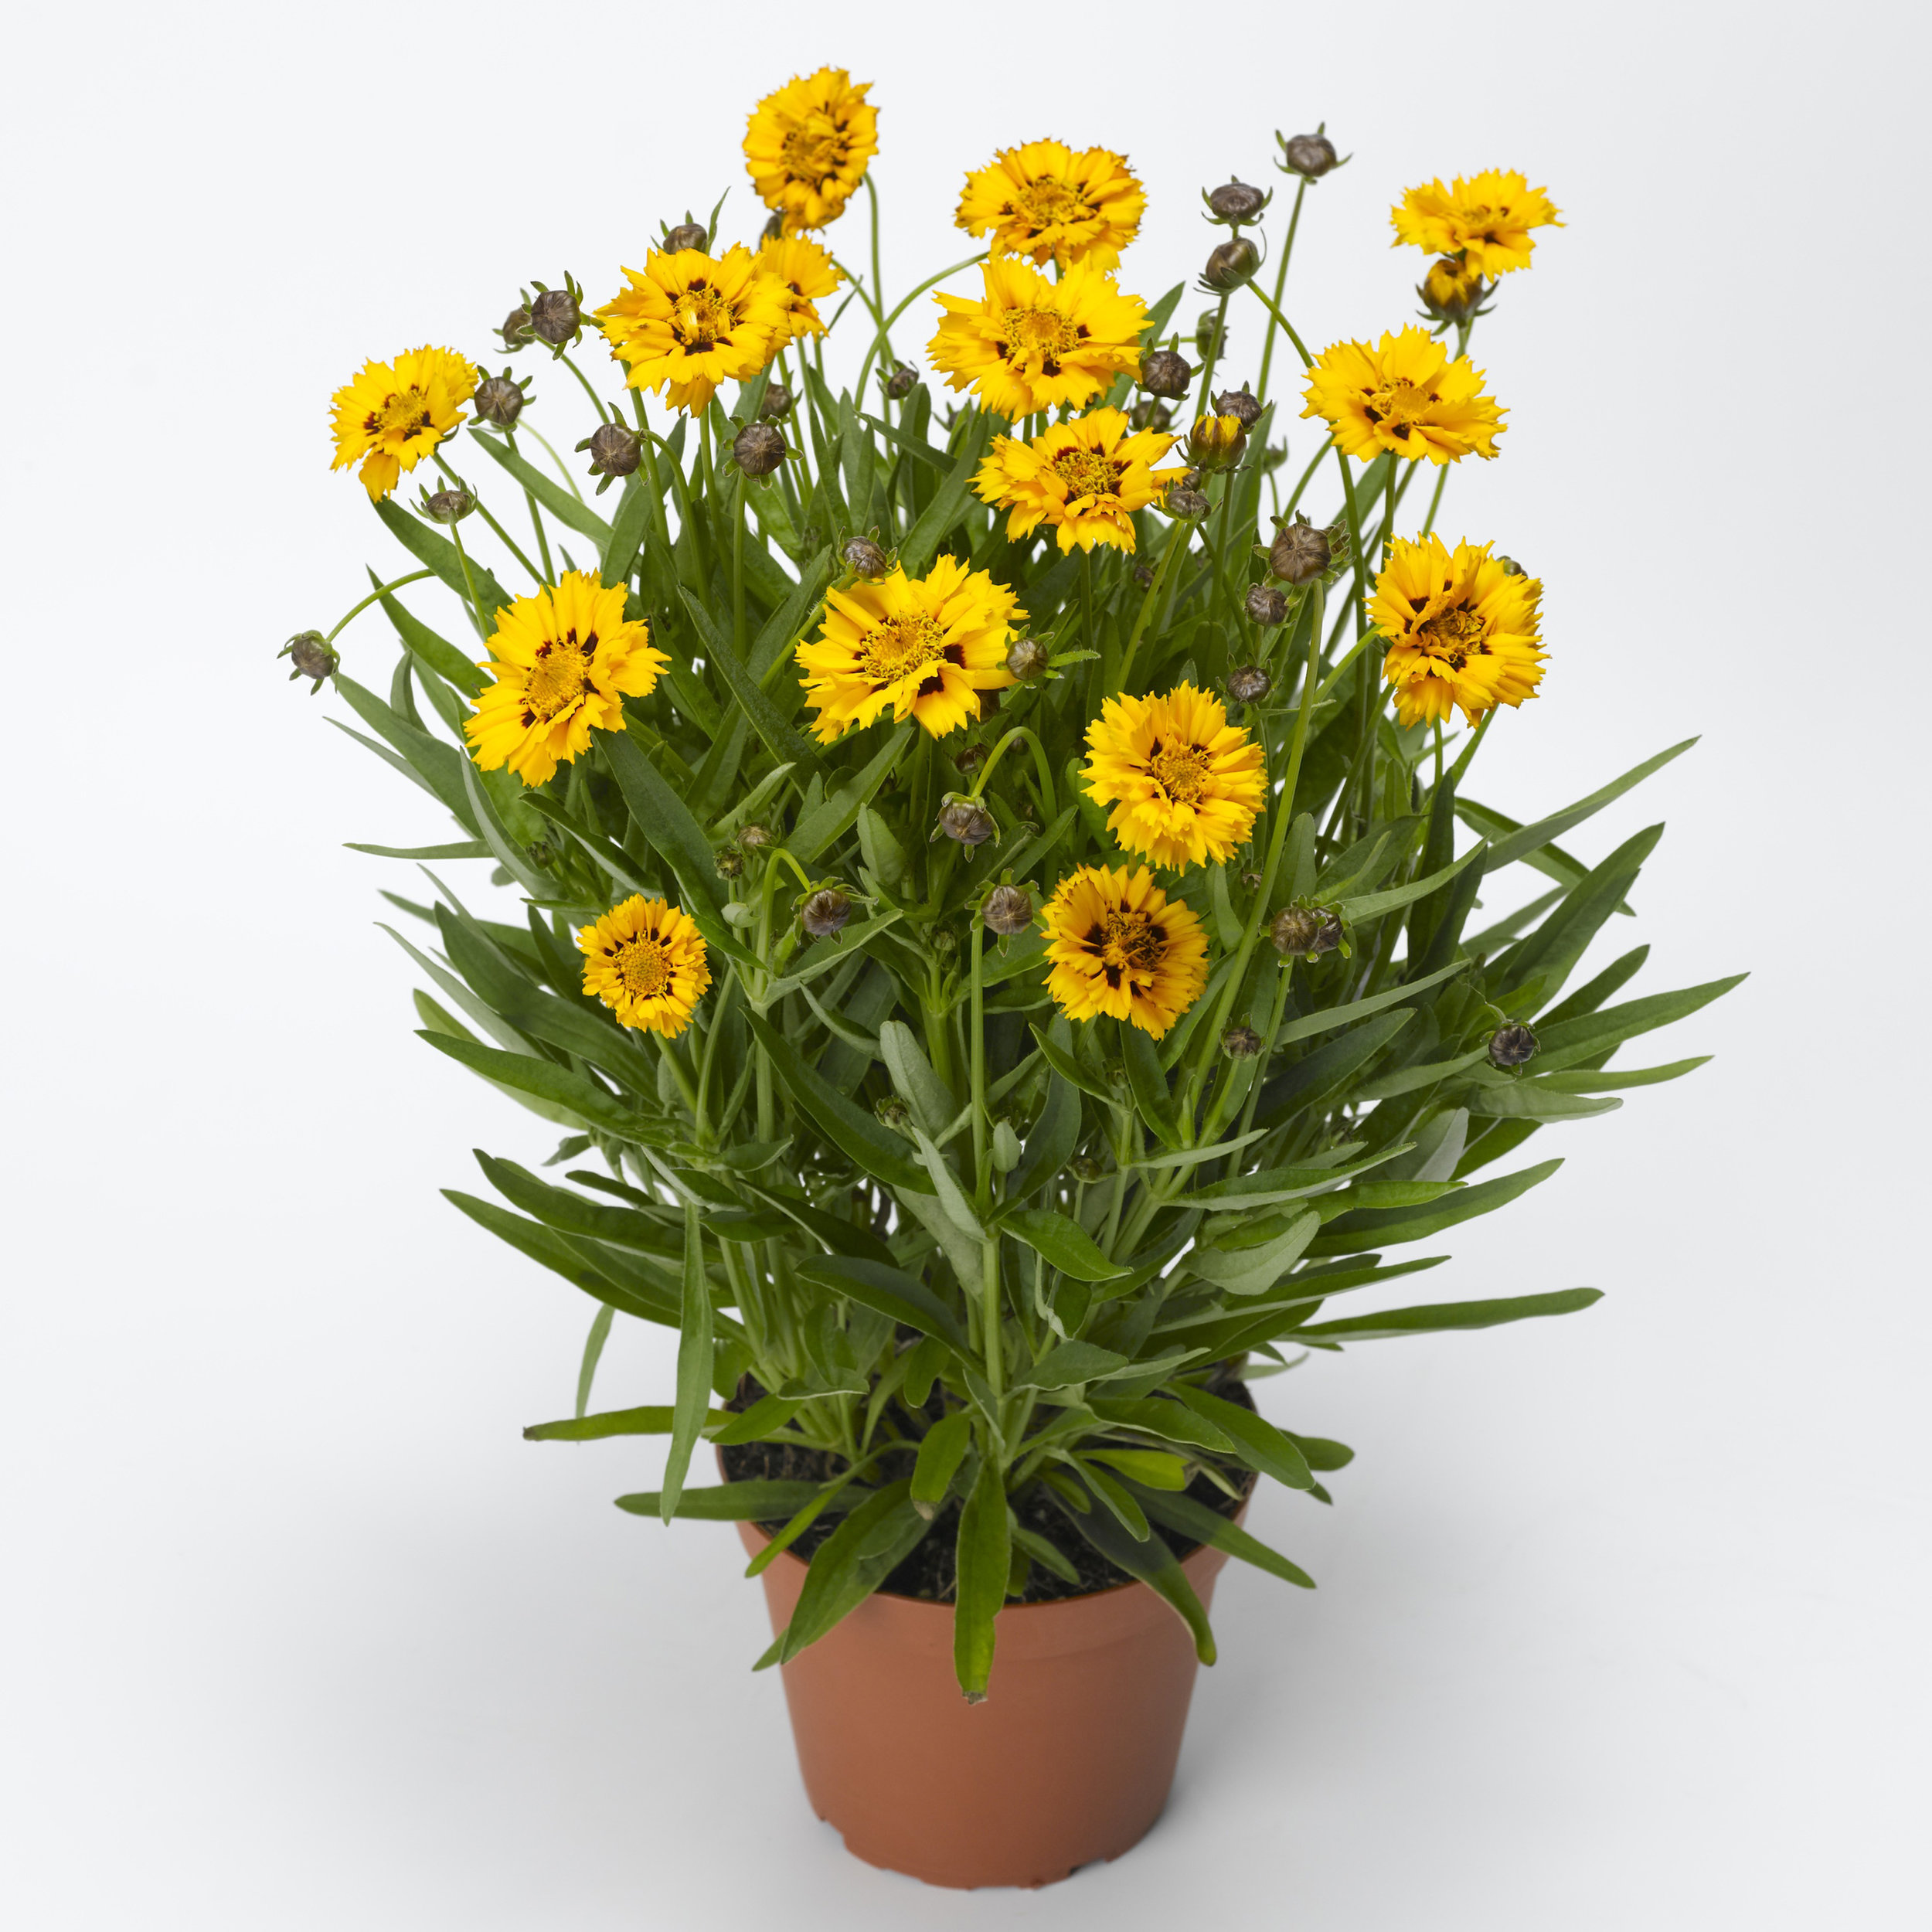 HR_Seed_Coreopsis_Andiamo™_Andiamo™_Yellow_Red_70048644.jpg